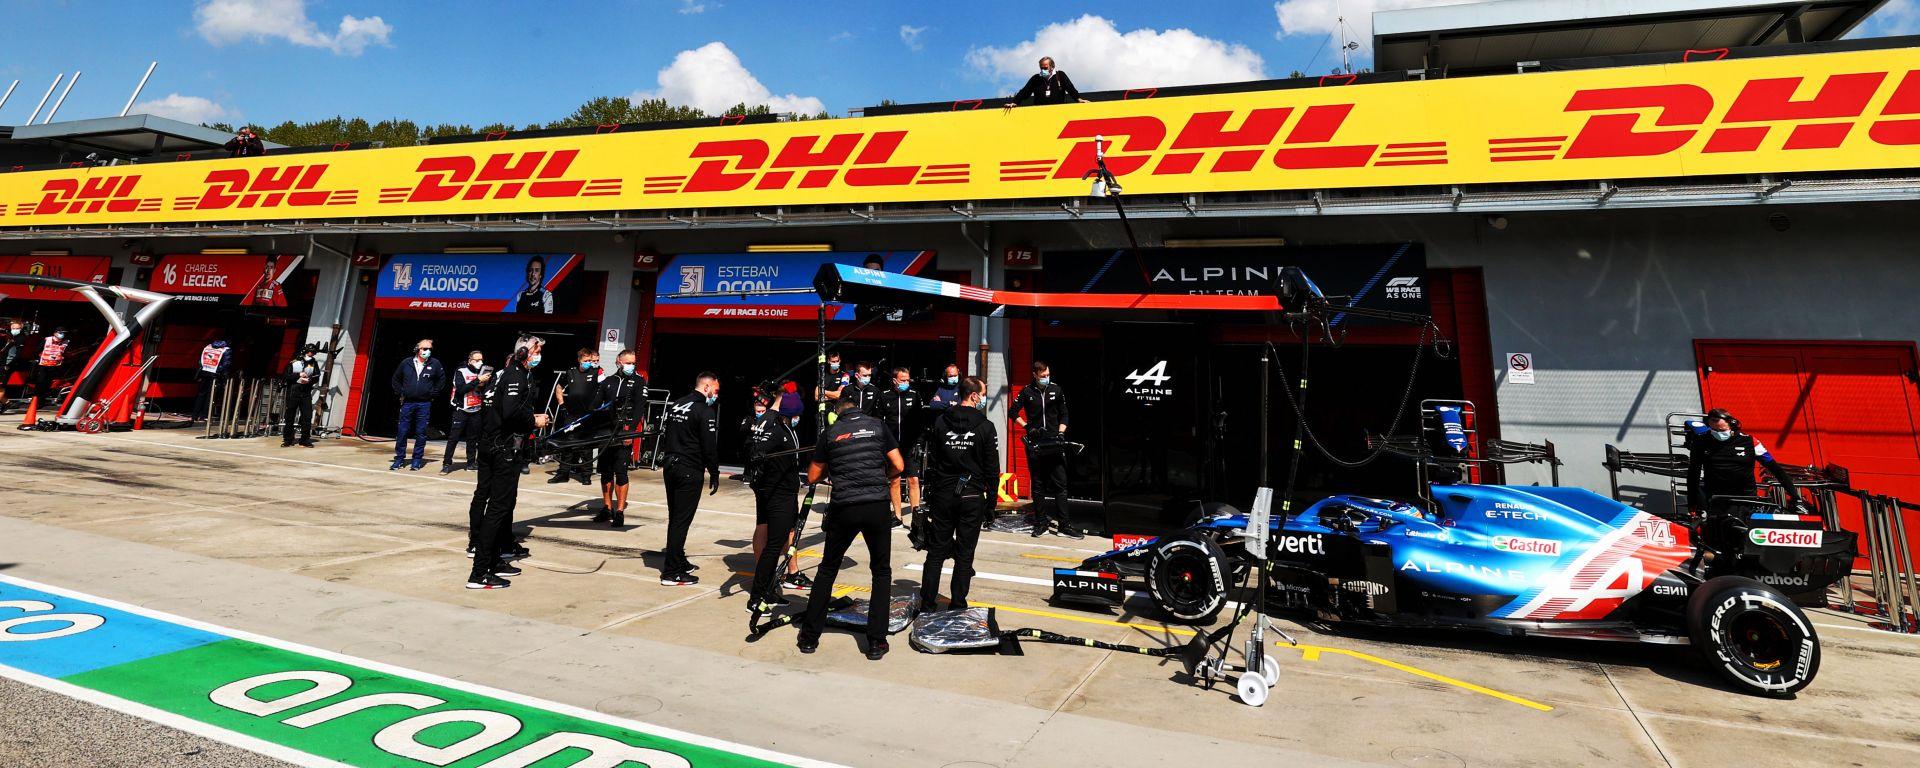 F1, GP Emilia Romagna 2021: la pit lane di Imola durante le PL1